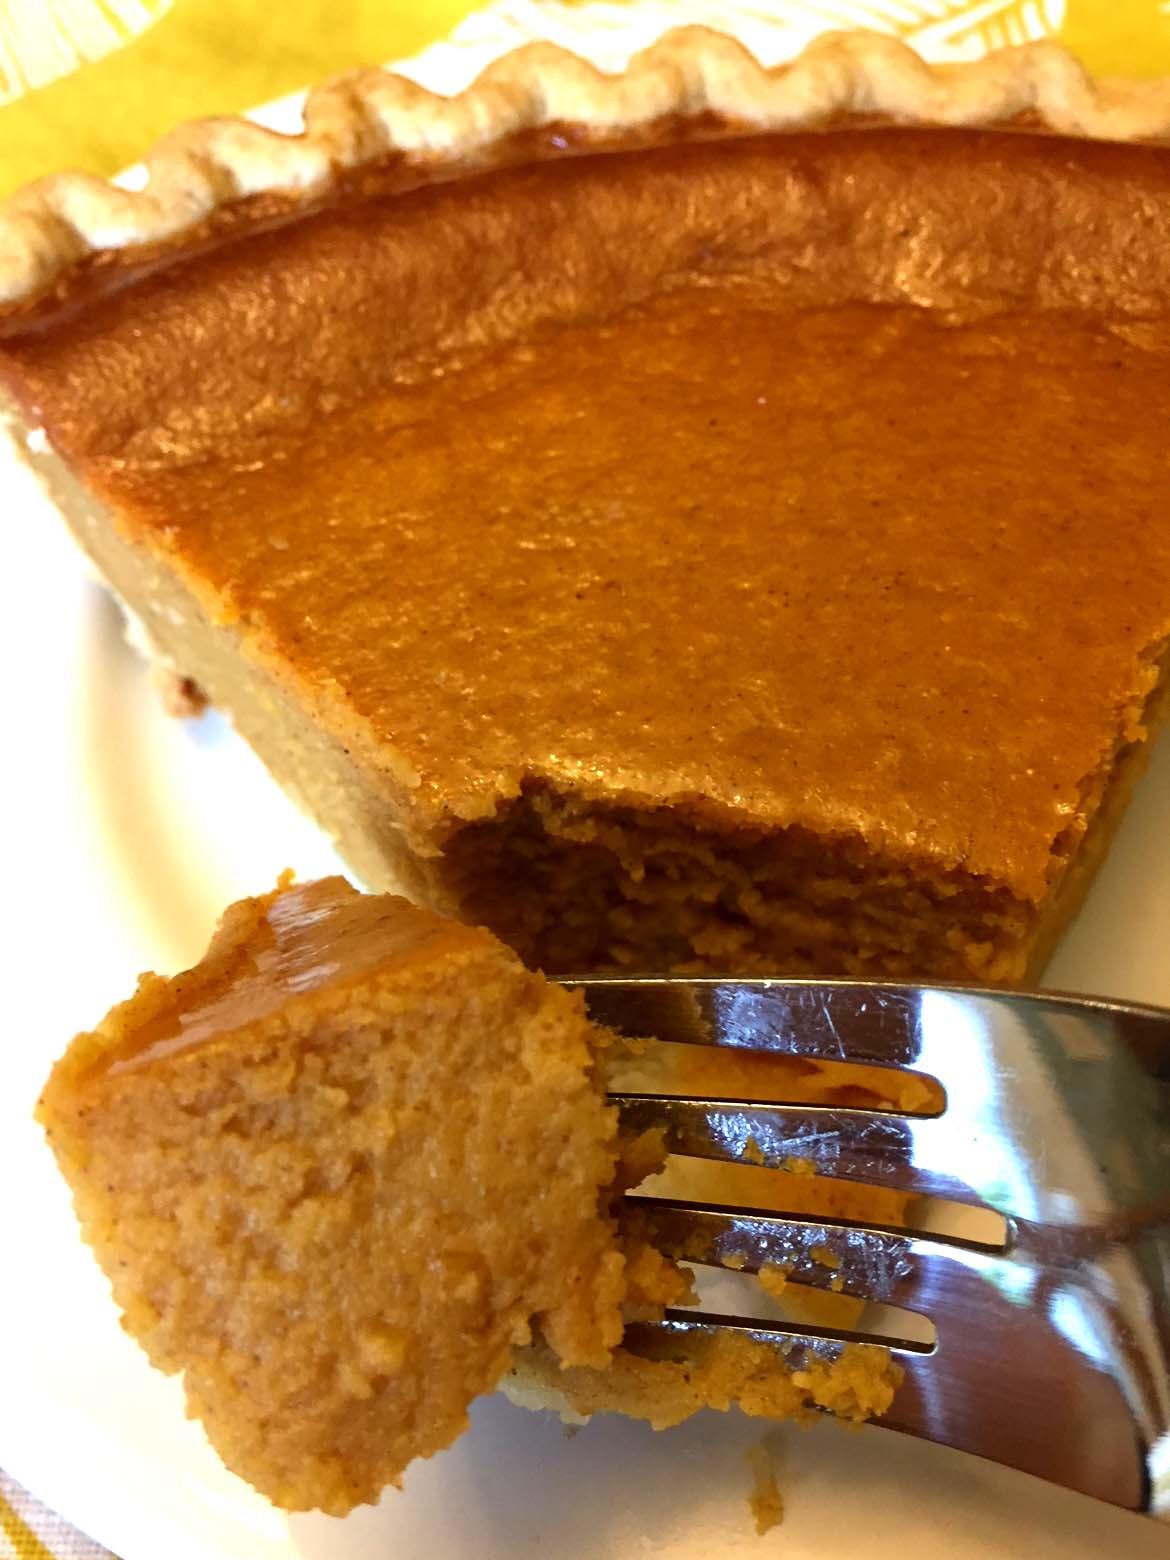 Sweetened Condensed Milk Pumpkin Pie  Easy Pumpkin Pie Recipe With Sweetened Condensed Milk